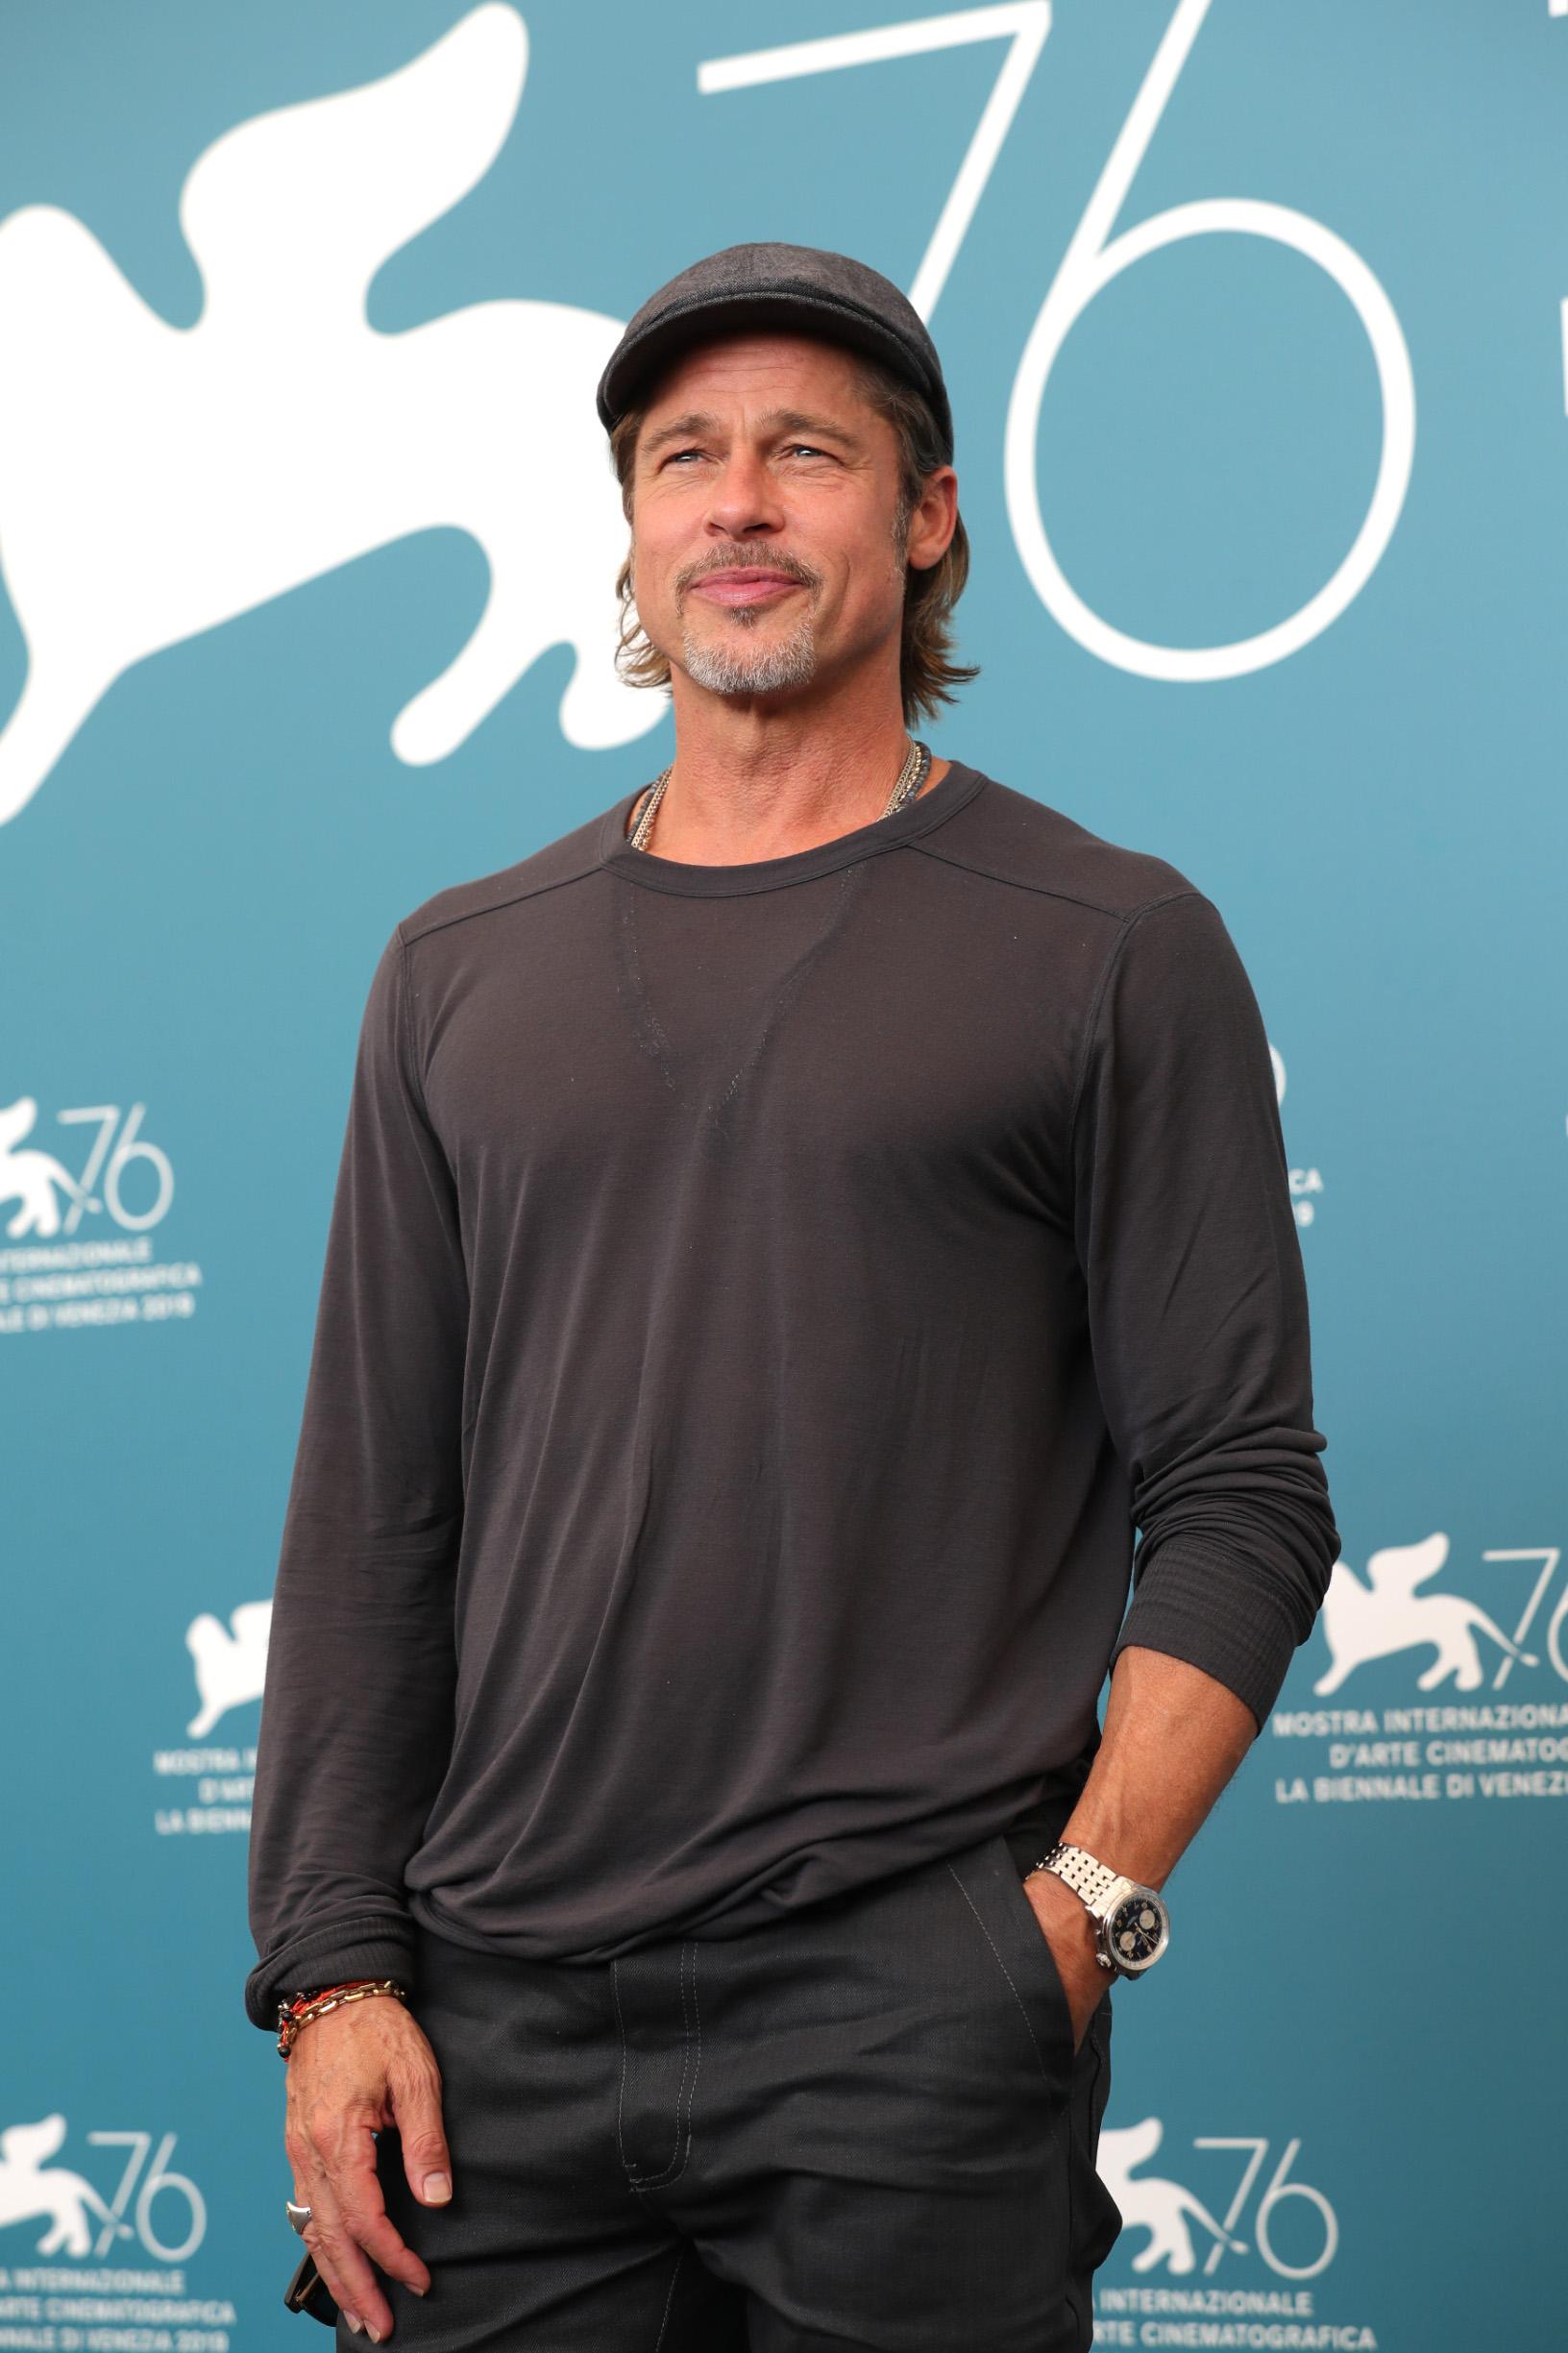 VENICE, ITALY - AUGUST 29:  Brad Pitt attends